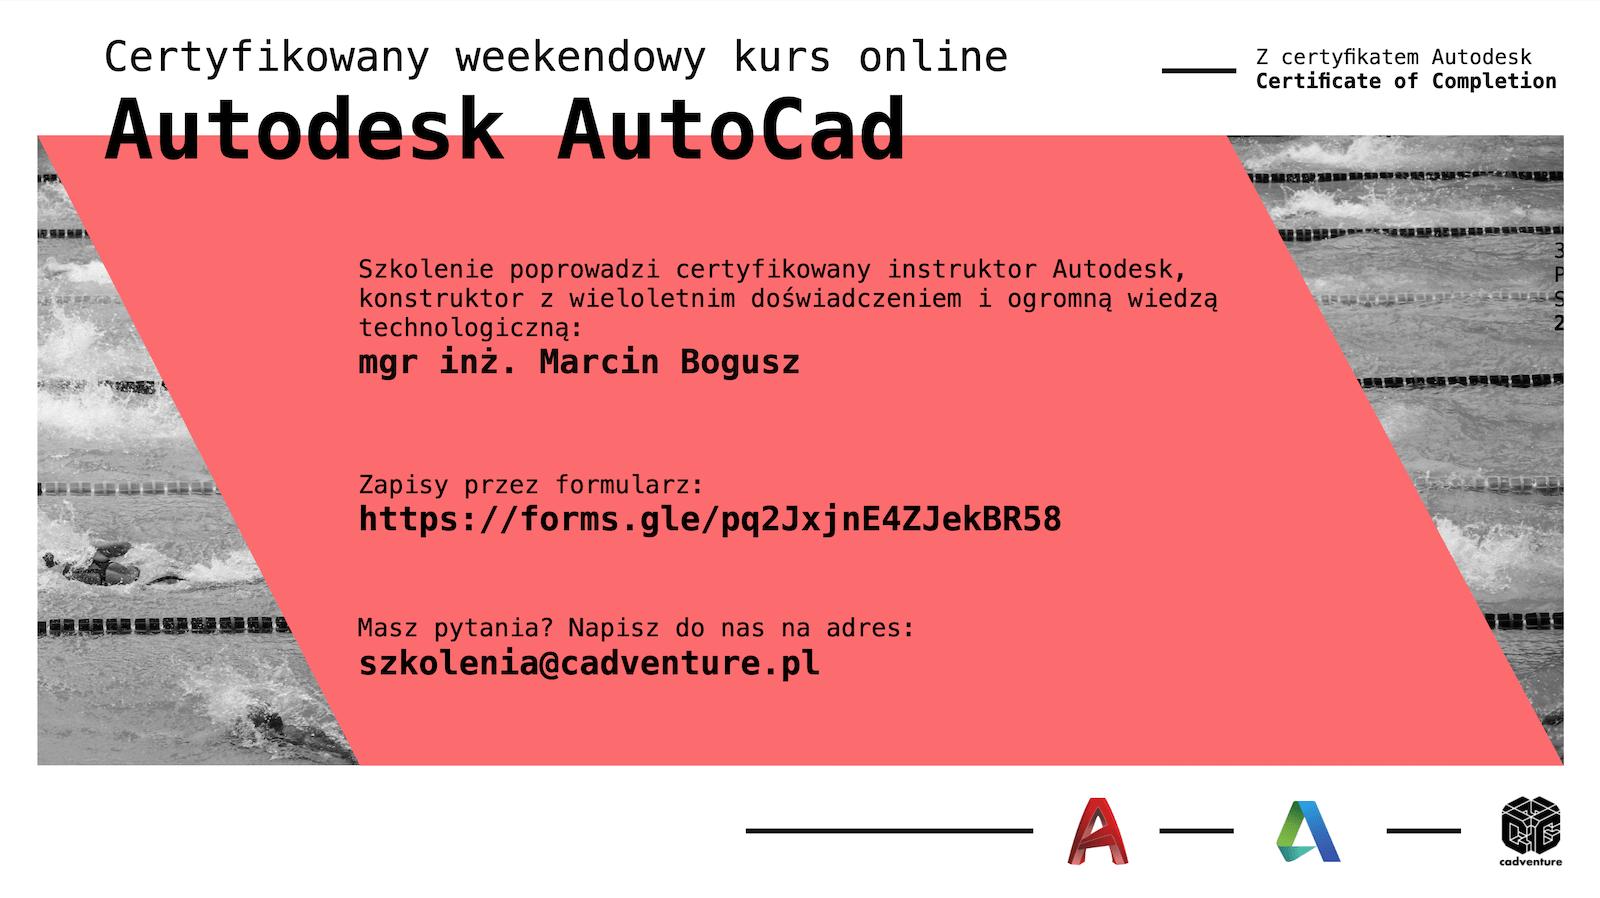 cadventure.pl - autocad - kurs - 6